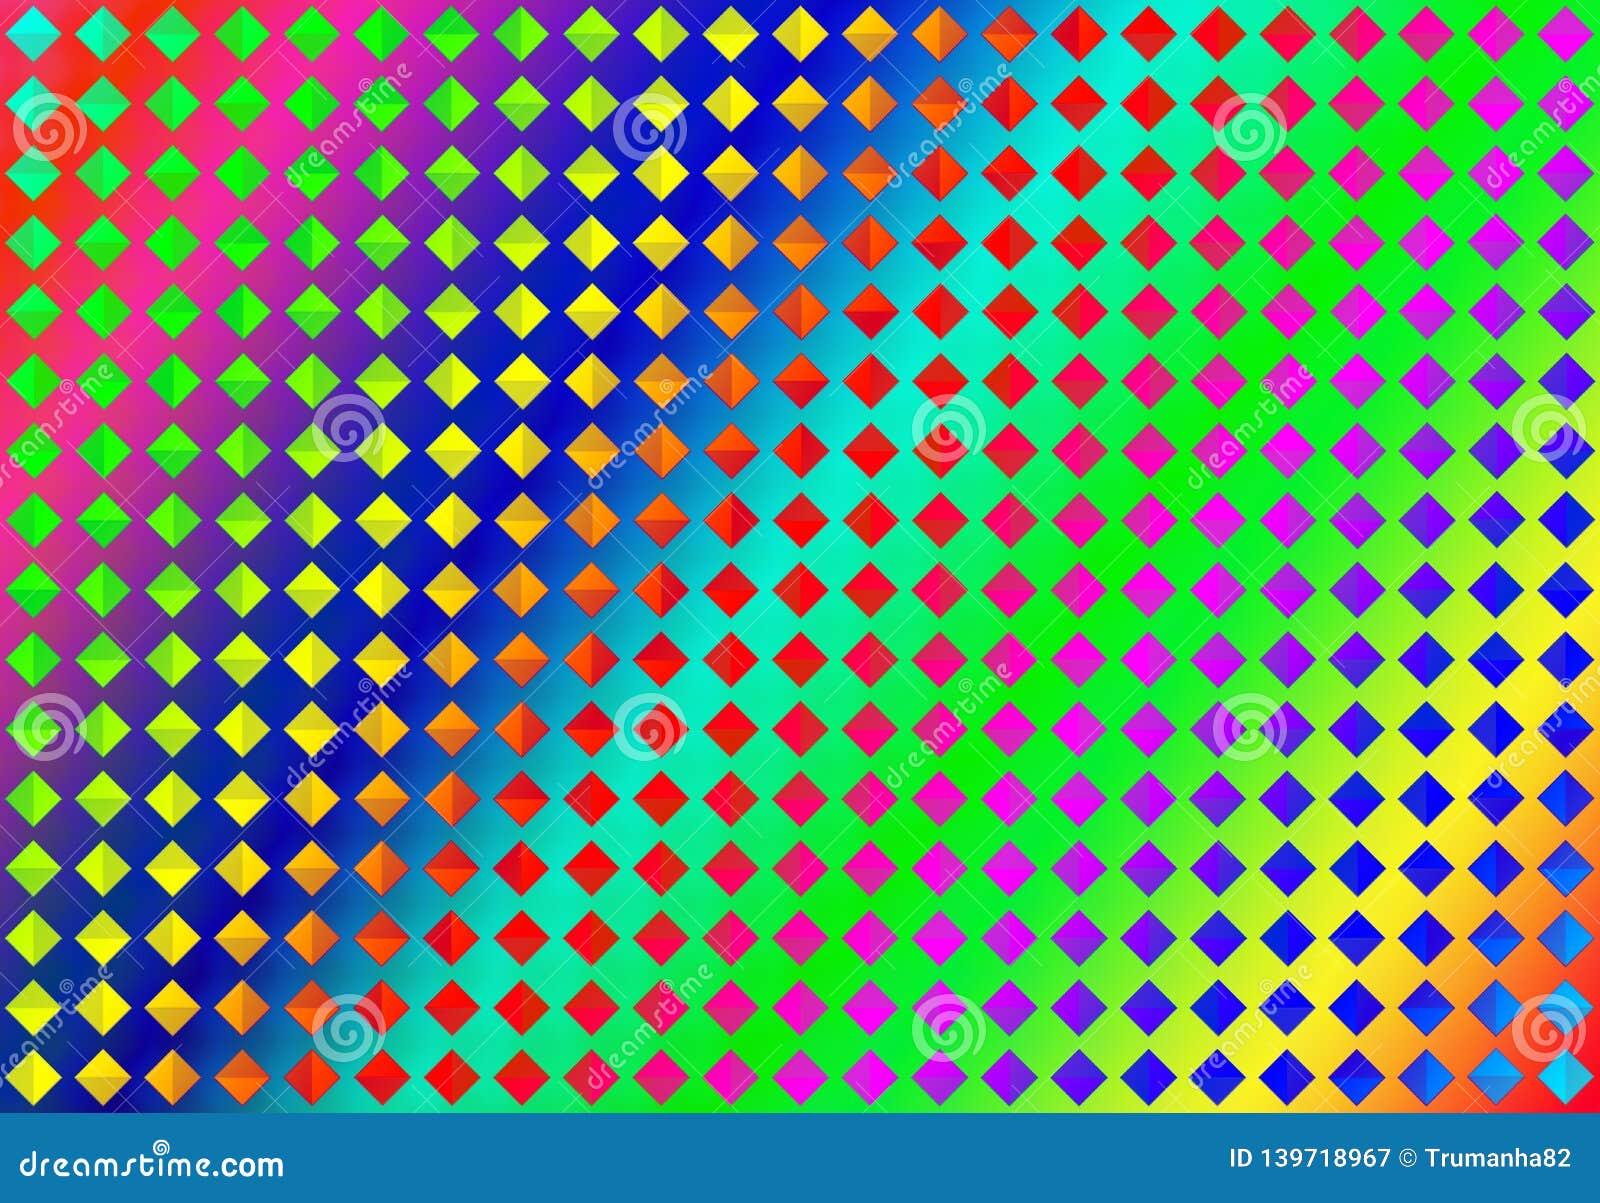 De abstracte Naadloze Kleurrijke Diamanten in Regenboog kleurt Achtergrond